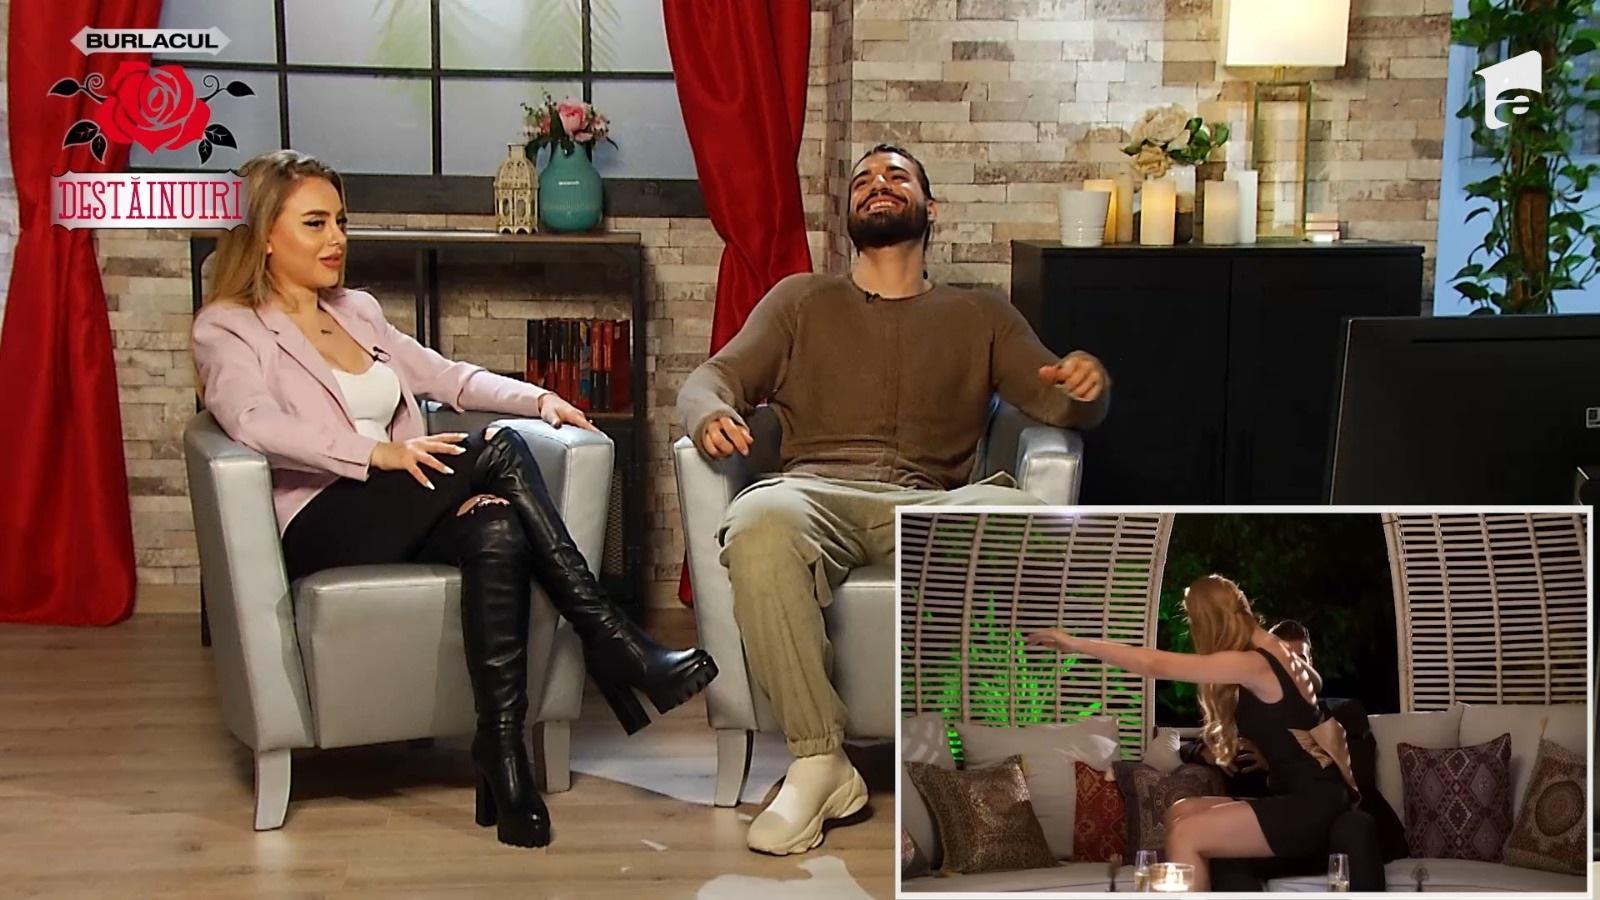 Burlacul - Destăinuiri, 2 aprilie 2021. Andi Constantin a vorbit despre plecarea Roxana Răpăilă și despre săruturile pasionale